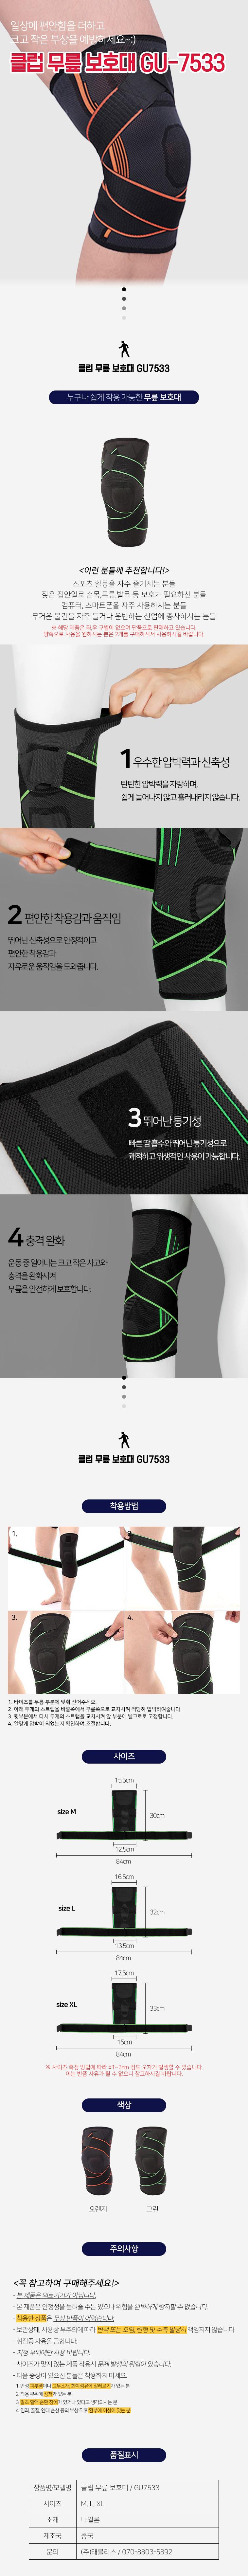 무릎 보호대 스트랩 타이트 아대 gu-7533 클럽 - 디아망, 6,900원, 스포츠용품, 보호장구